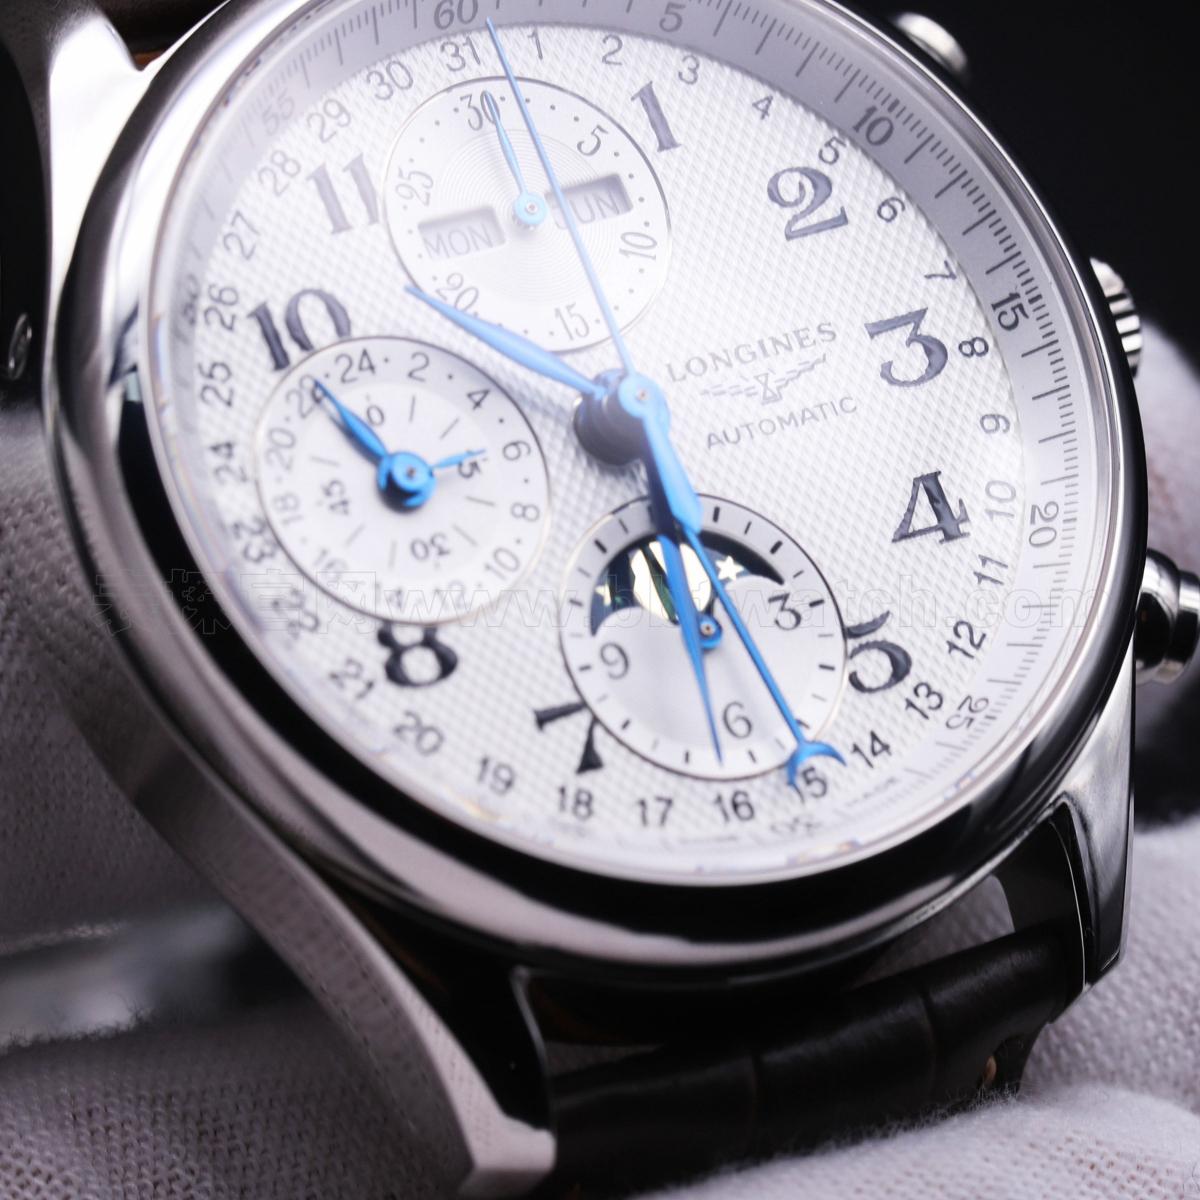 浪琴名匠系列月相八针多功能怎么样 复刻评测——儒雅气韵手表